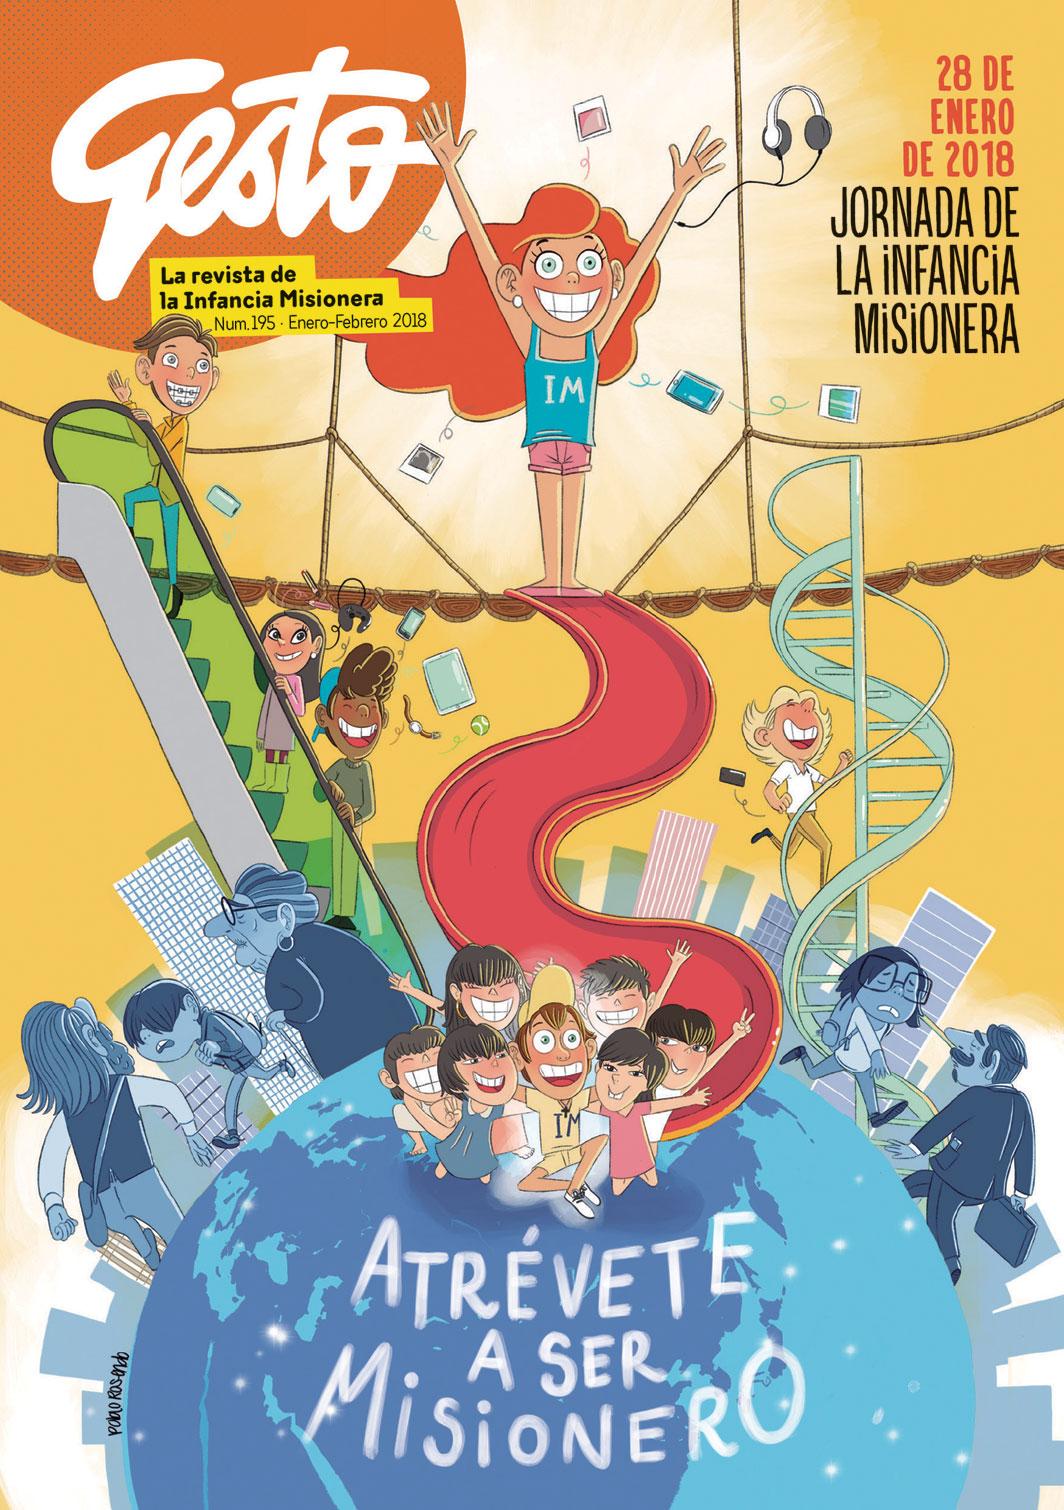 Revista Gesto - Niños